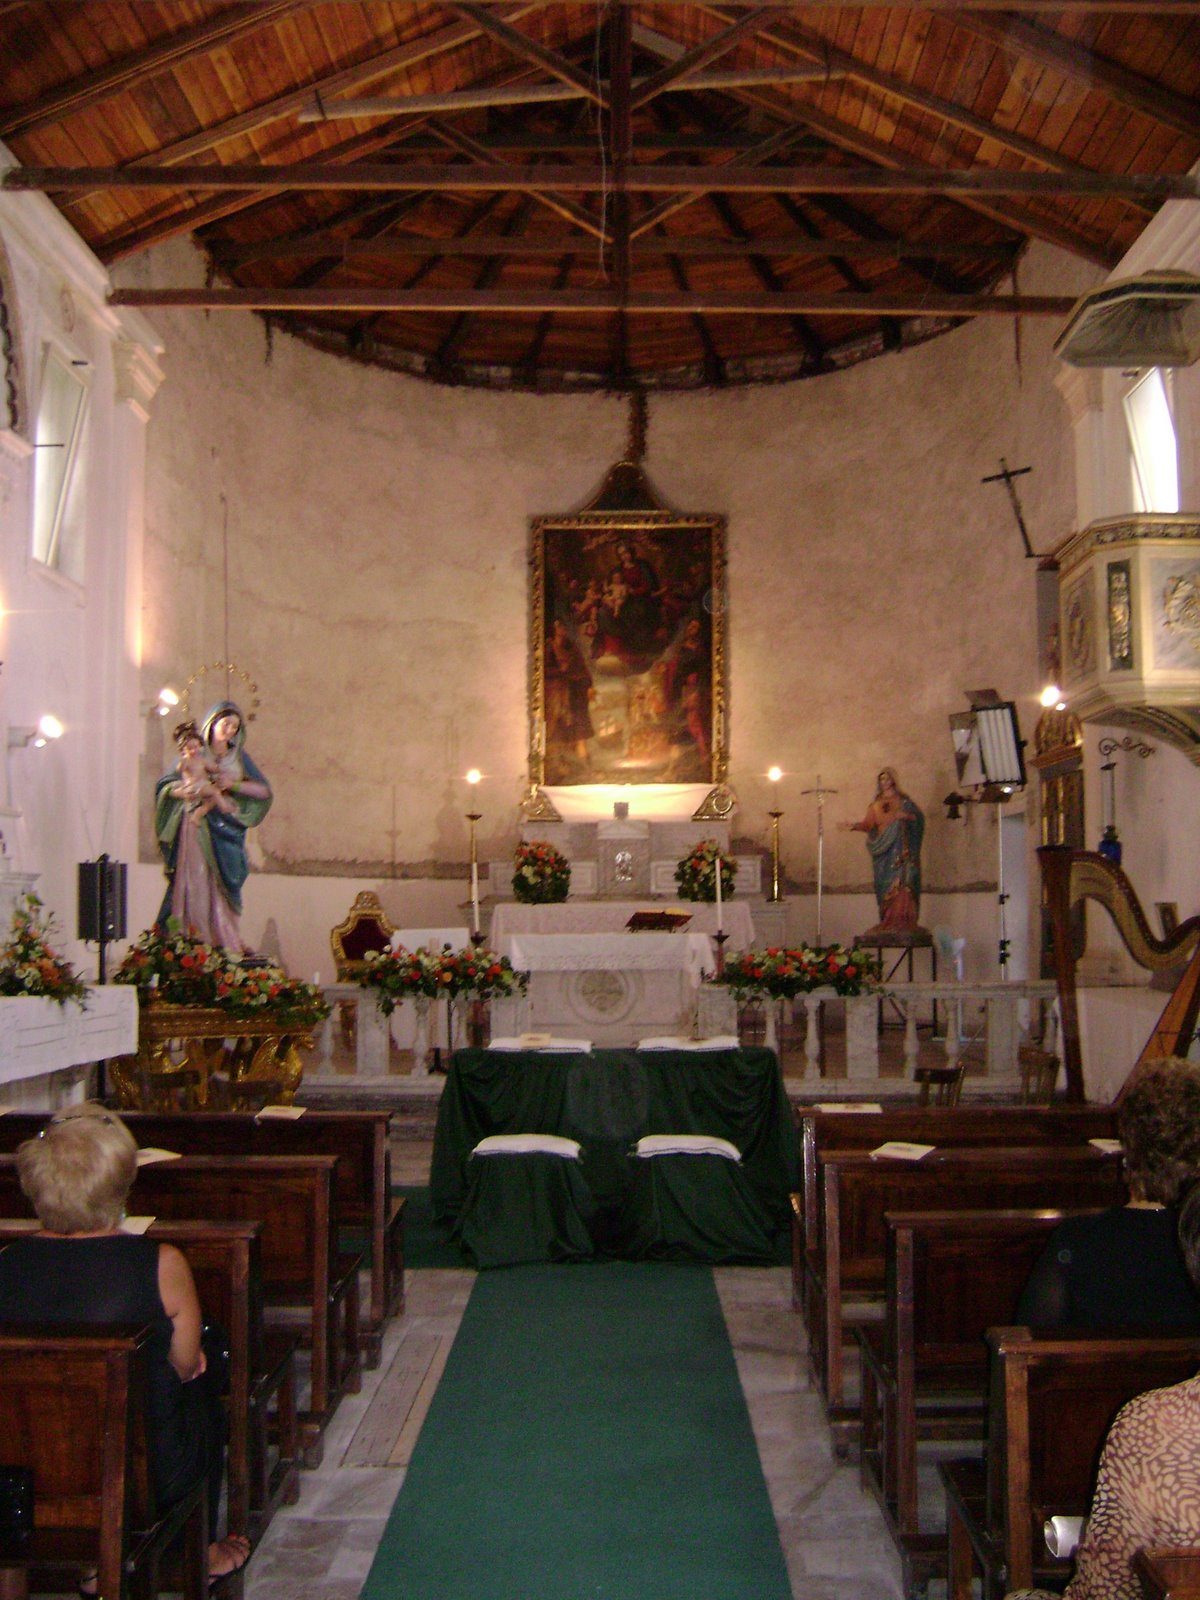 La Chiesa di Santa Maria di Portosalvo: